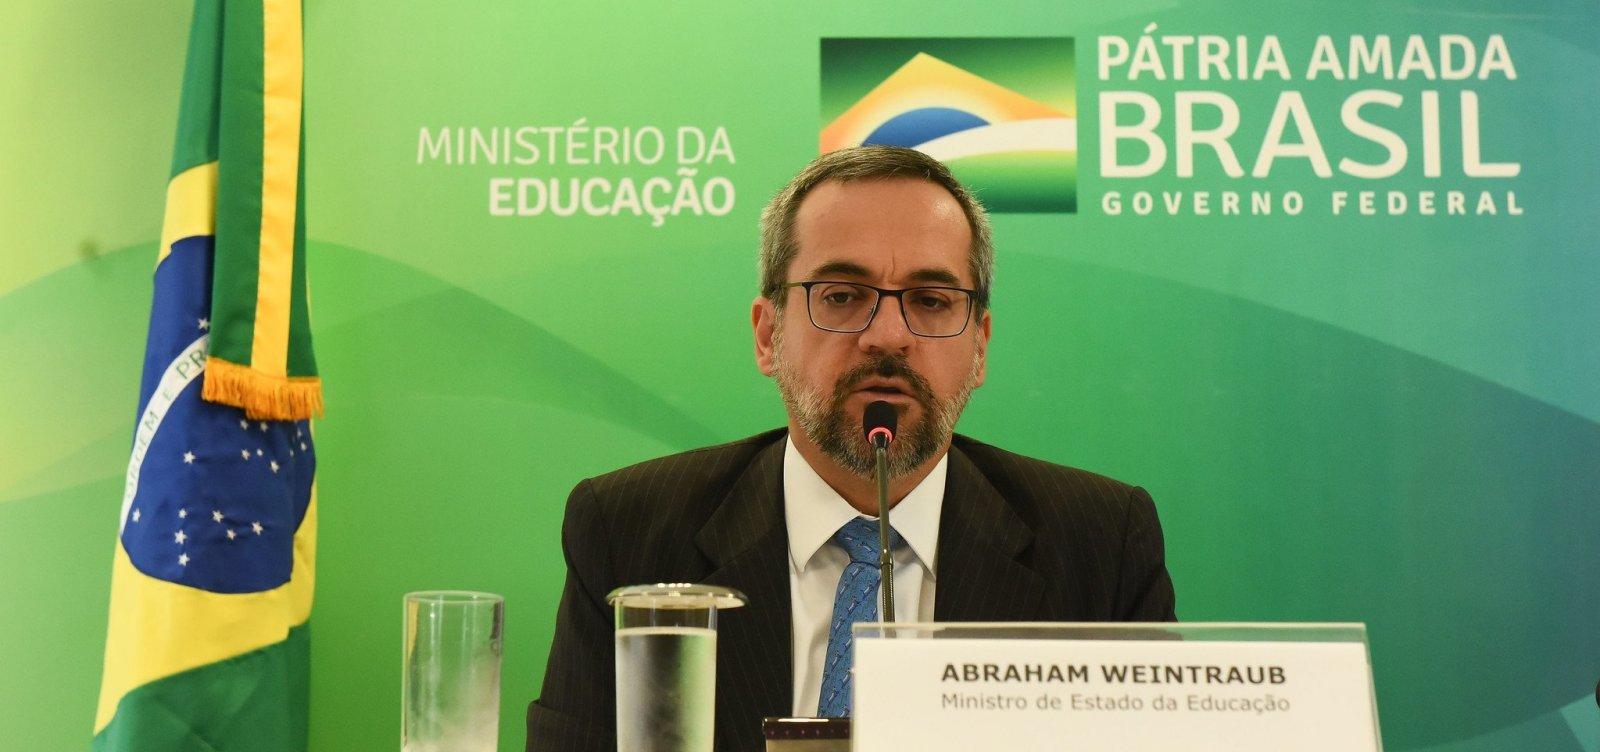 [15 estados e DF aderem a projeto de escolas militares do governo Bolsonaro]